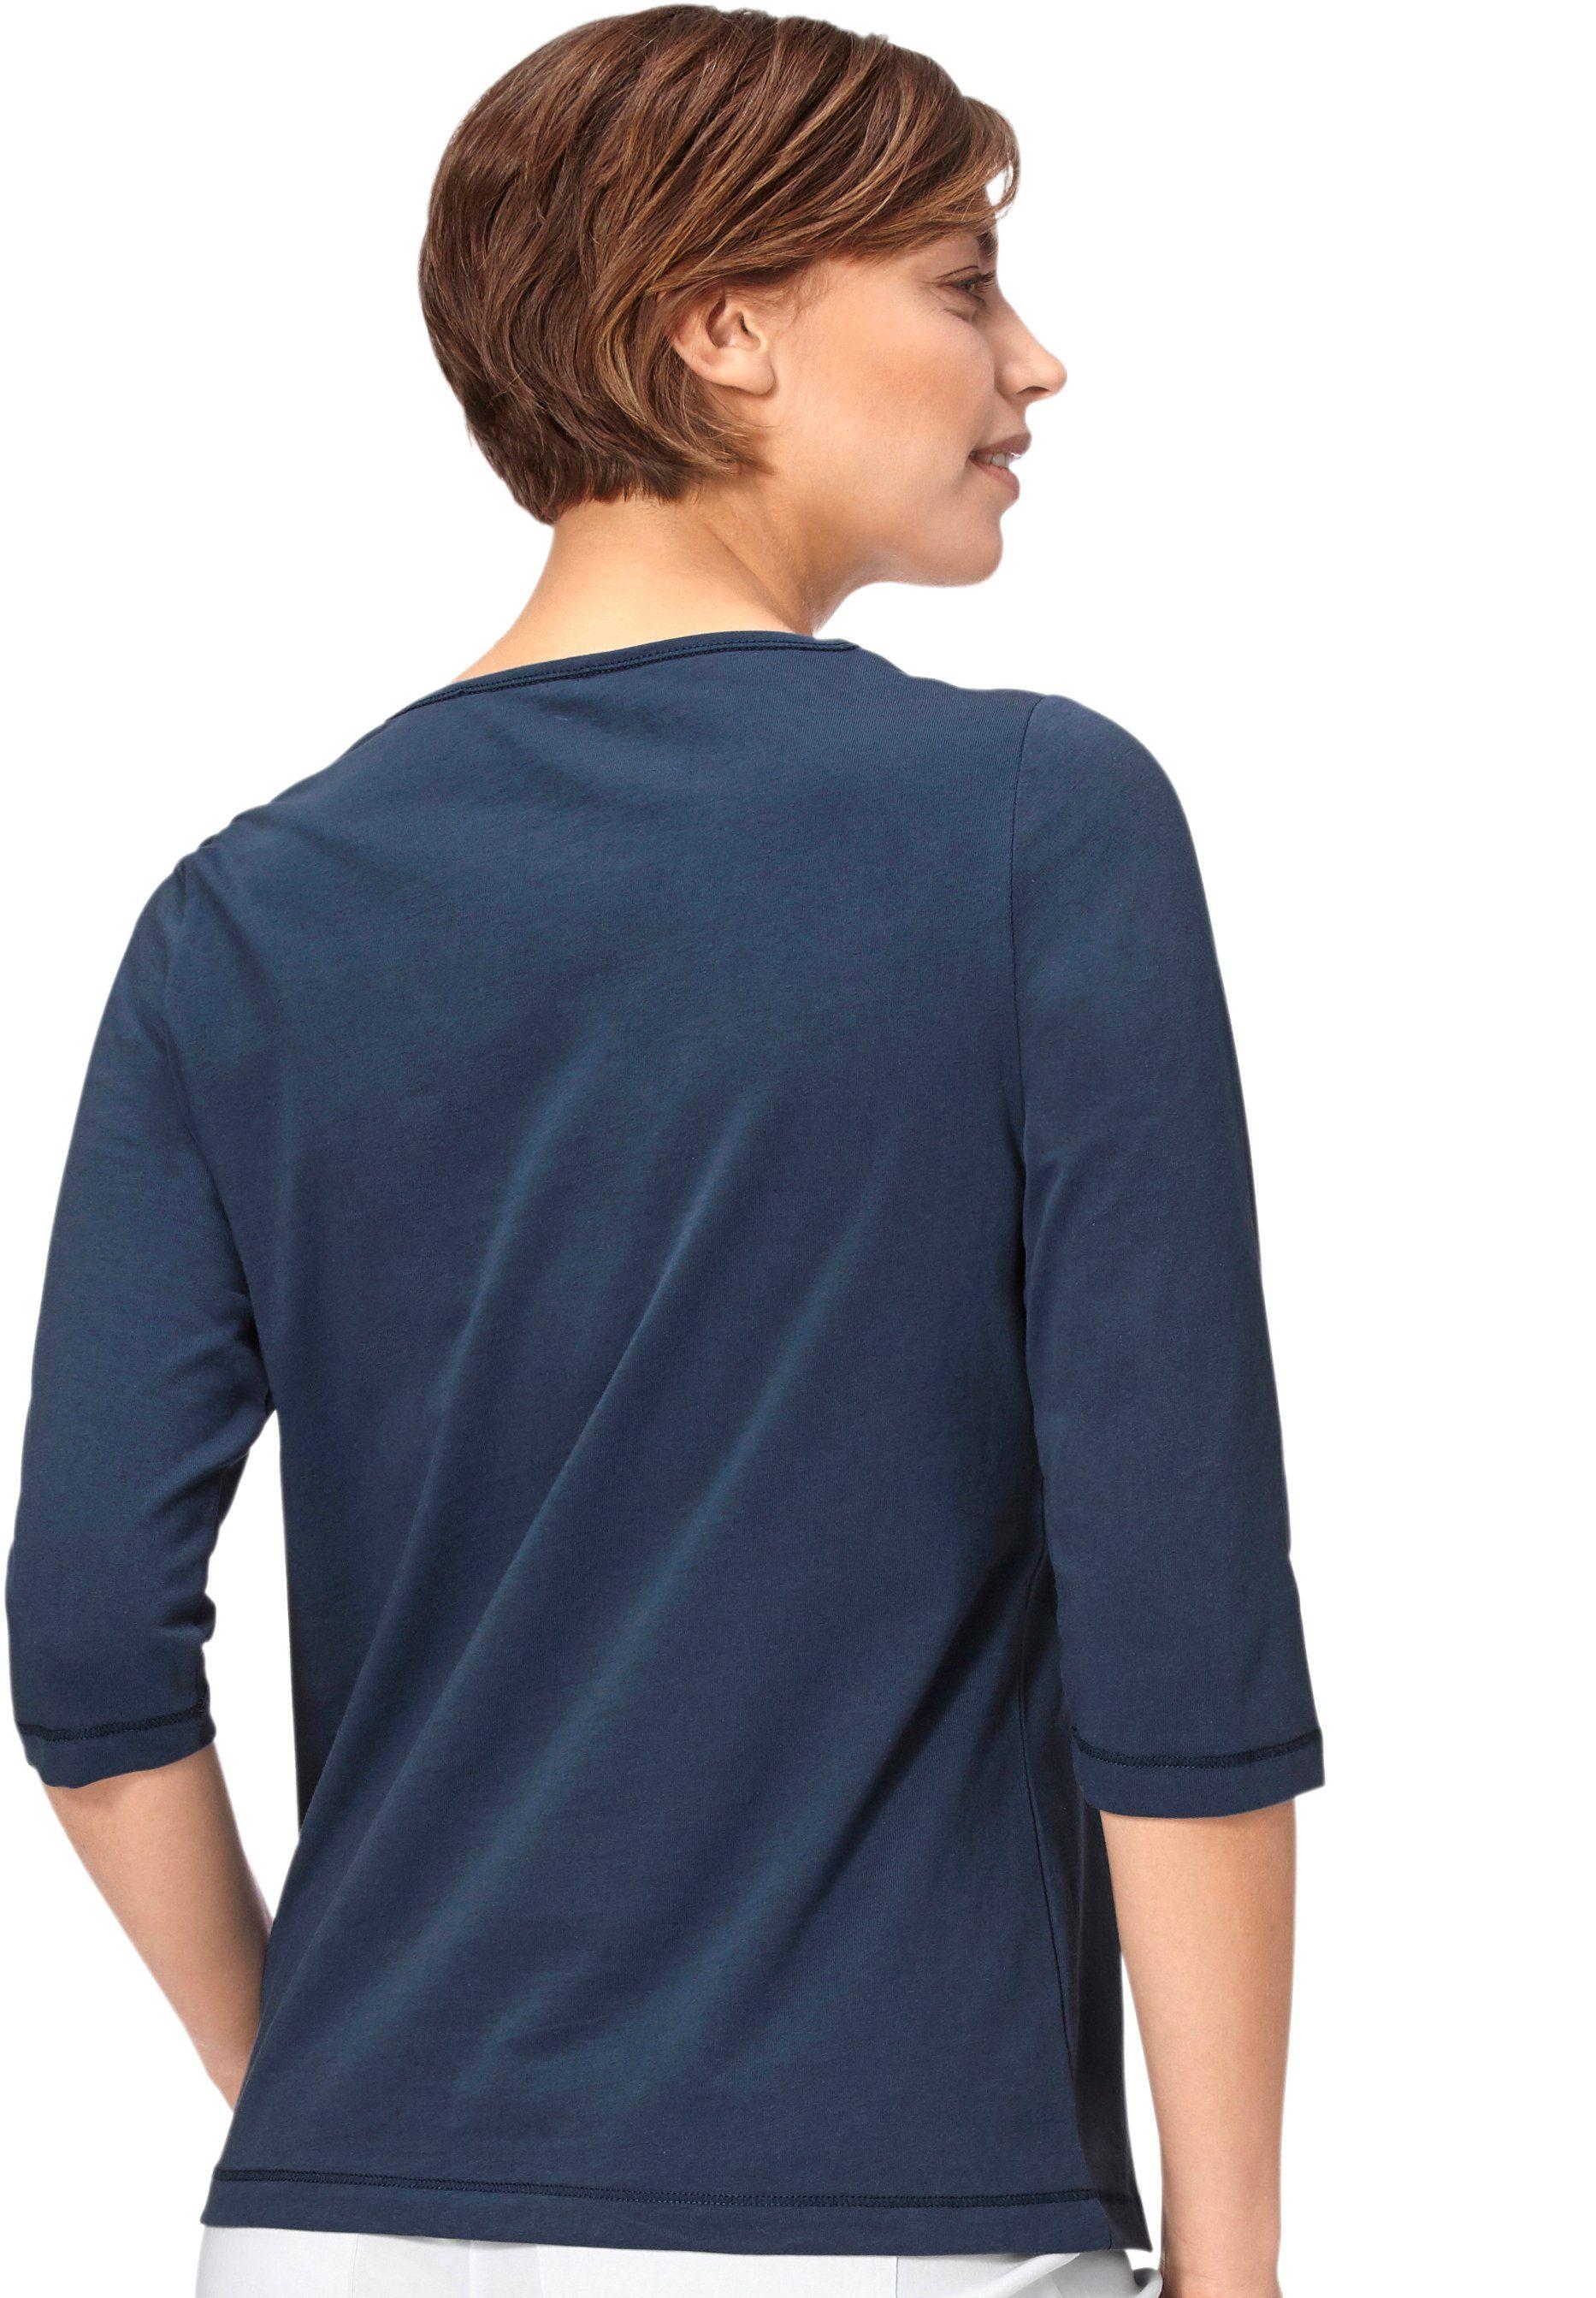 Ornamentmotiven Online Vorderteil Shirt Classic Kaufen Basics Mit Im wOPn0k